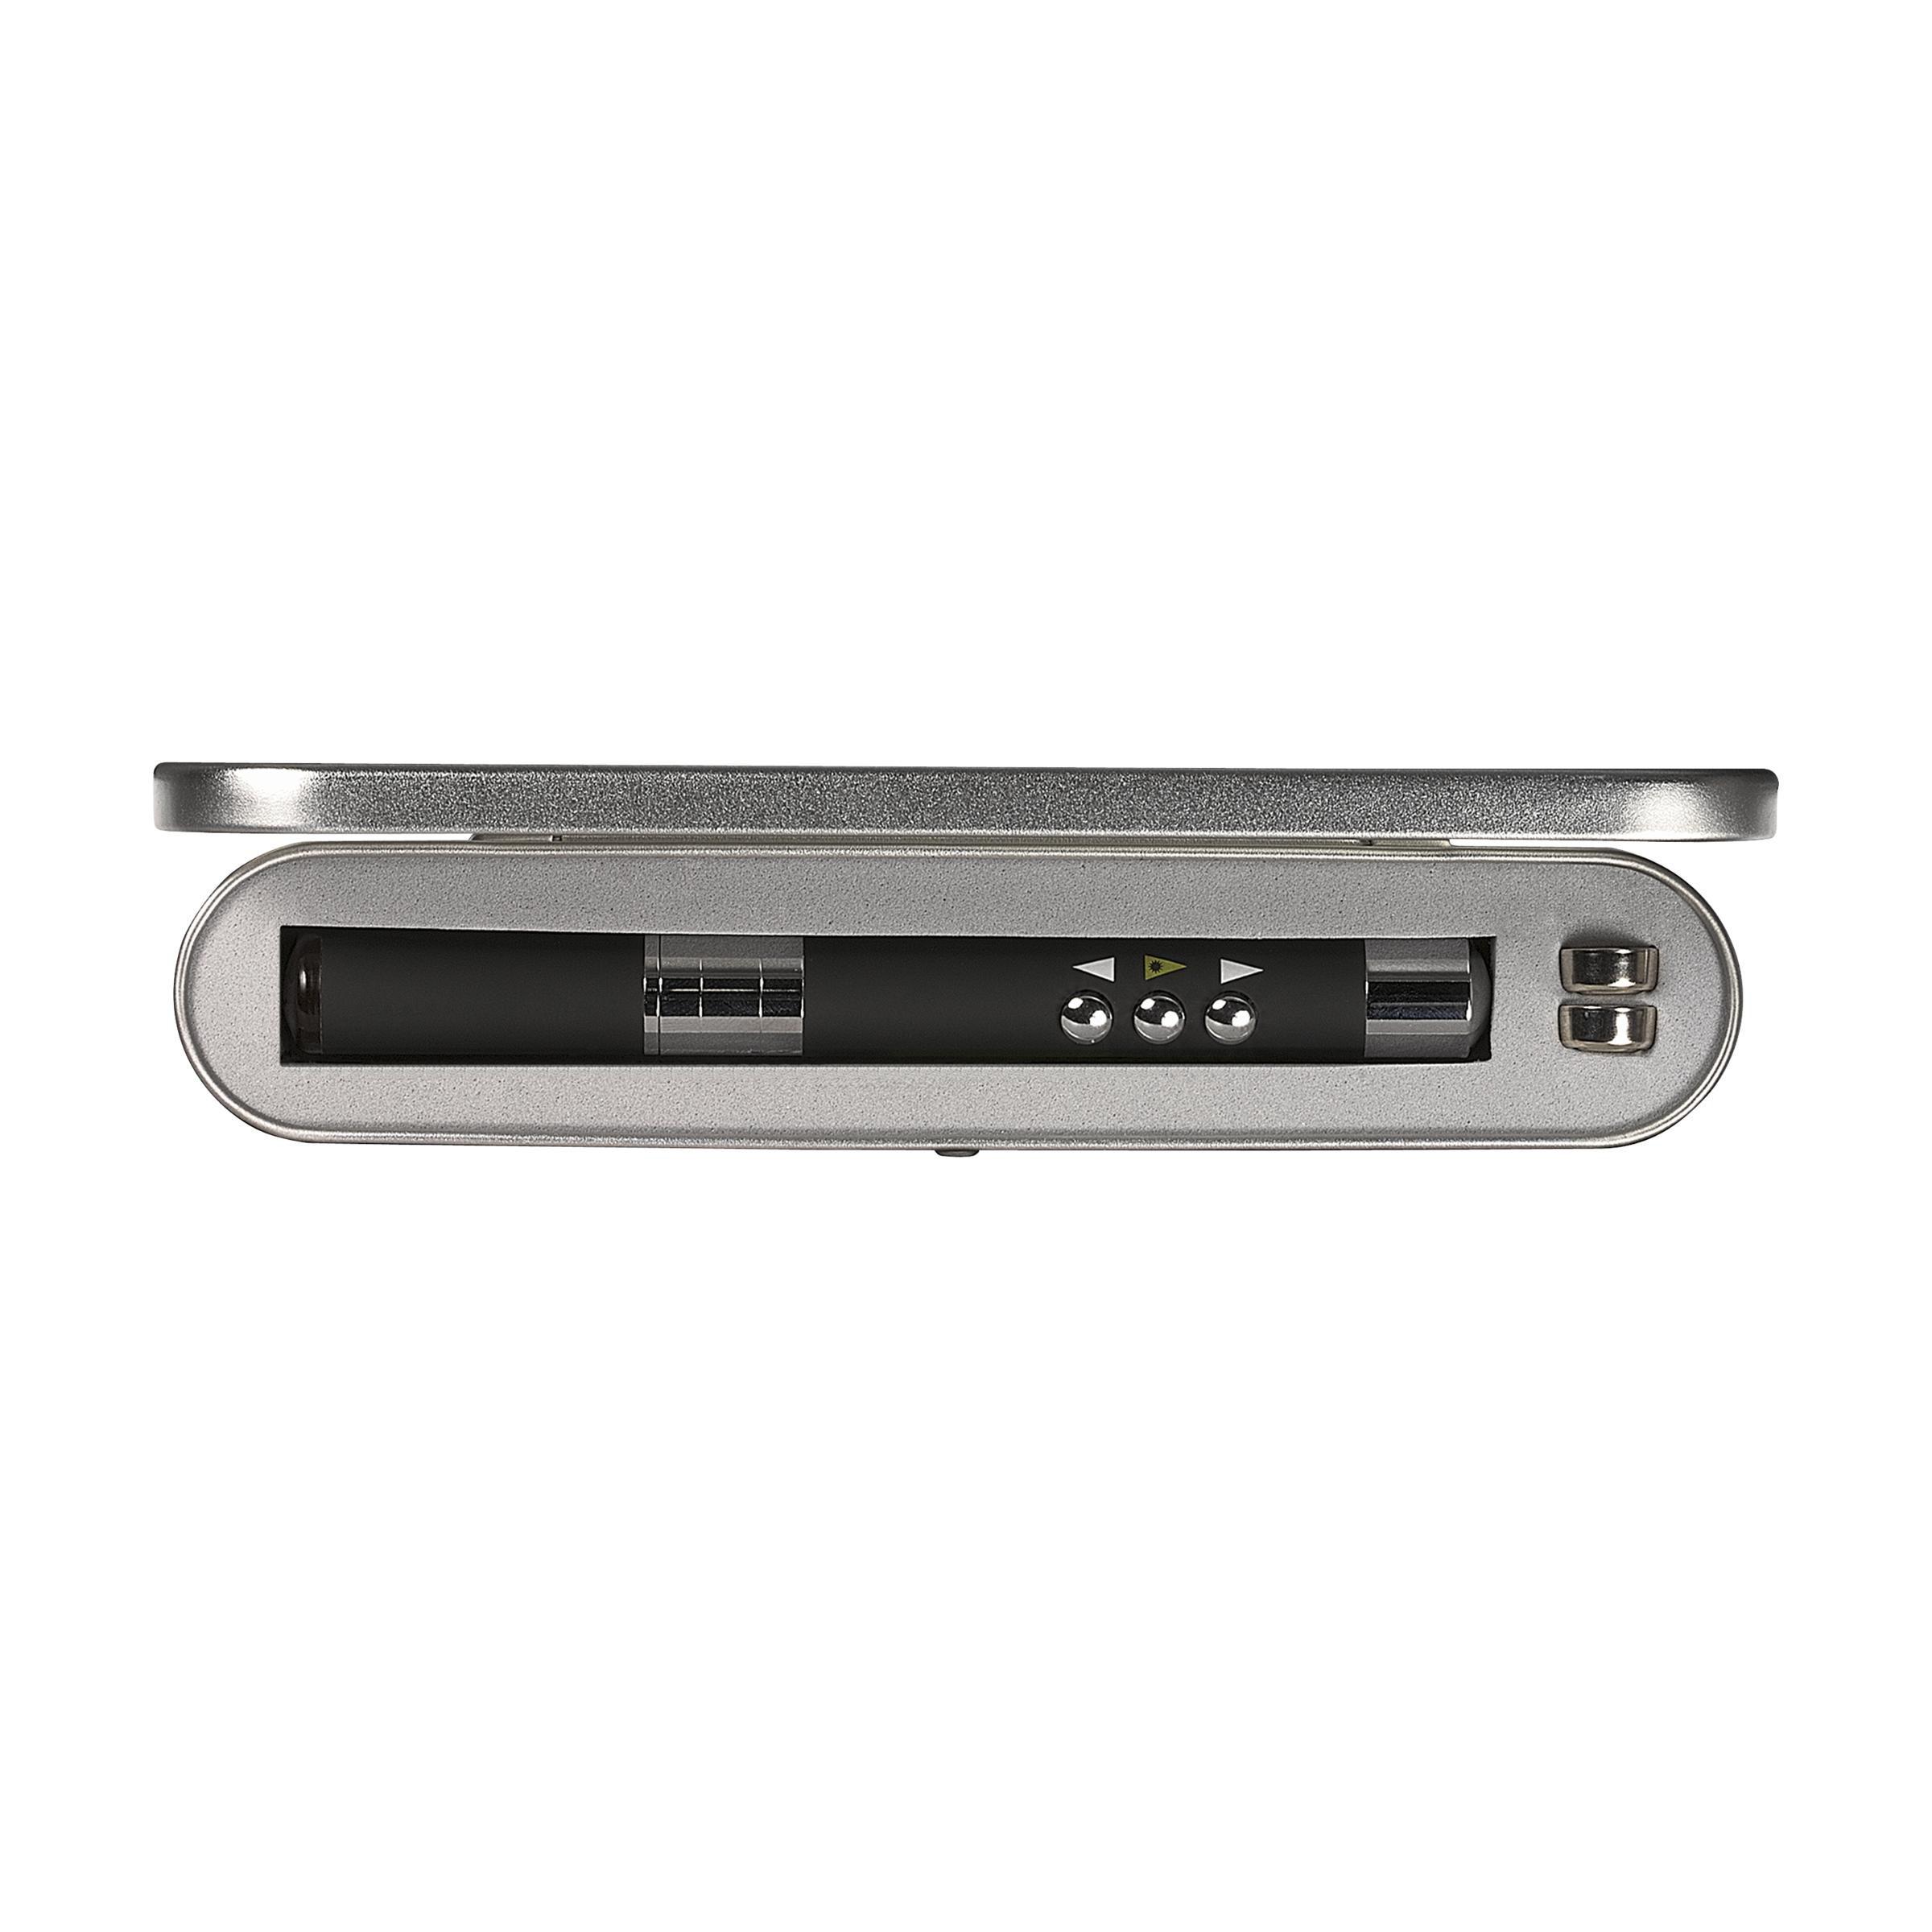 impresión de Presenter laser pointer